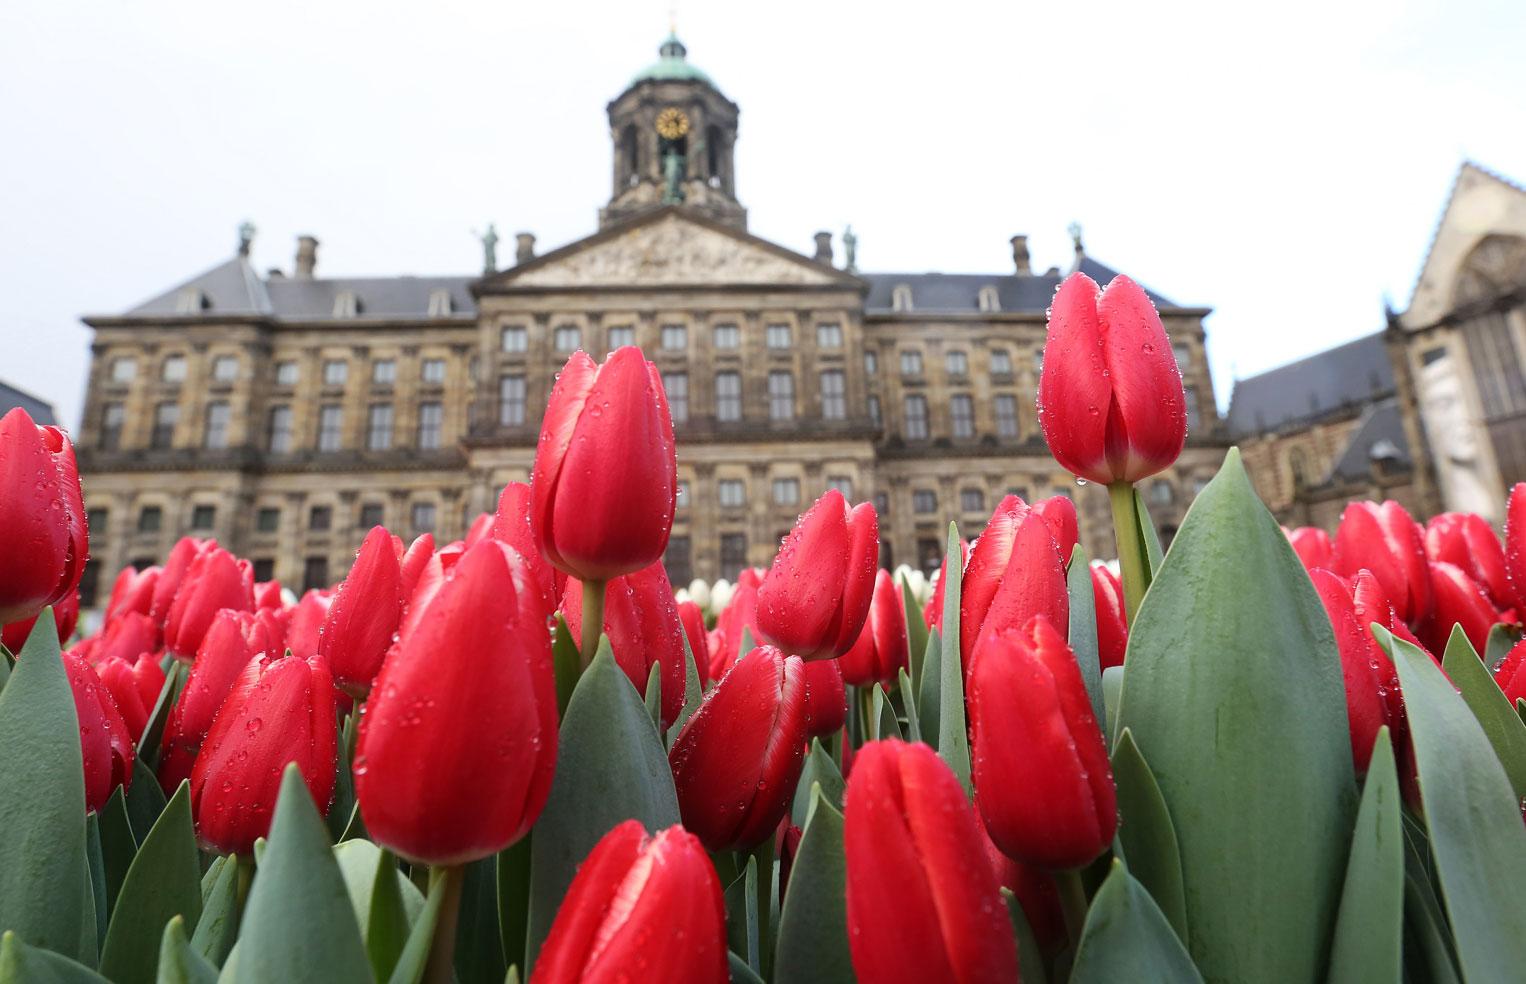 Overal tulpen Ben je niet in de gelegenheid om naar Amsterdam te komen? Behalve op de Dam wordt de start van een nieuw tulpenseizoen ook in heel Nederland gevierd. Veel bloemisten organiseren vanaf 19 januari bijzondere tulpenacties en -activiteiten in hun winkel.